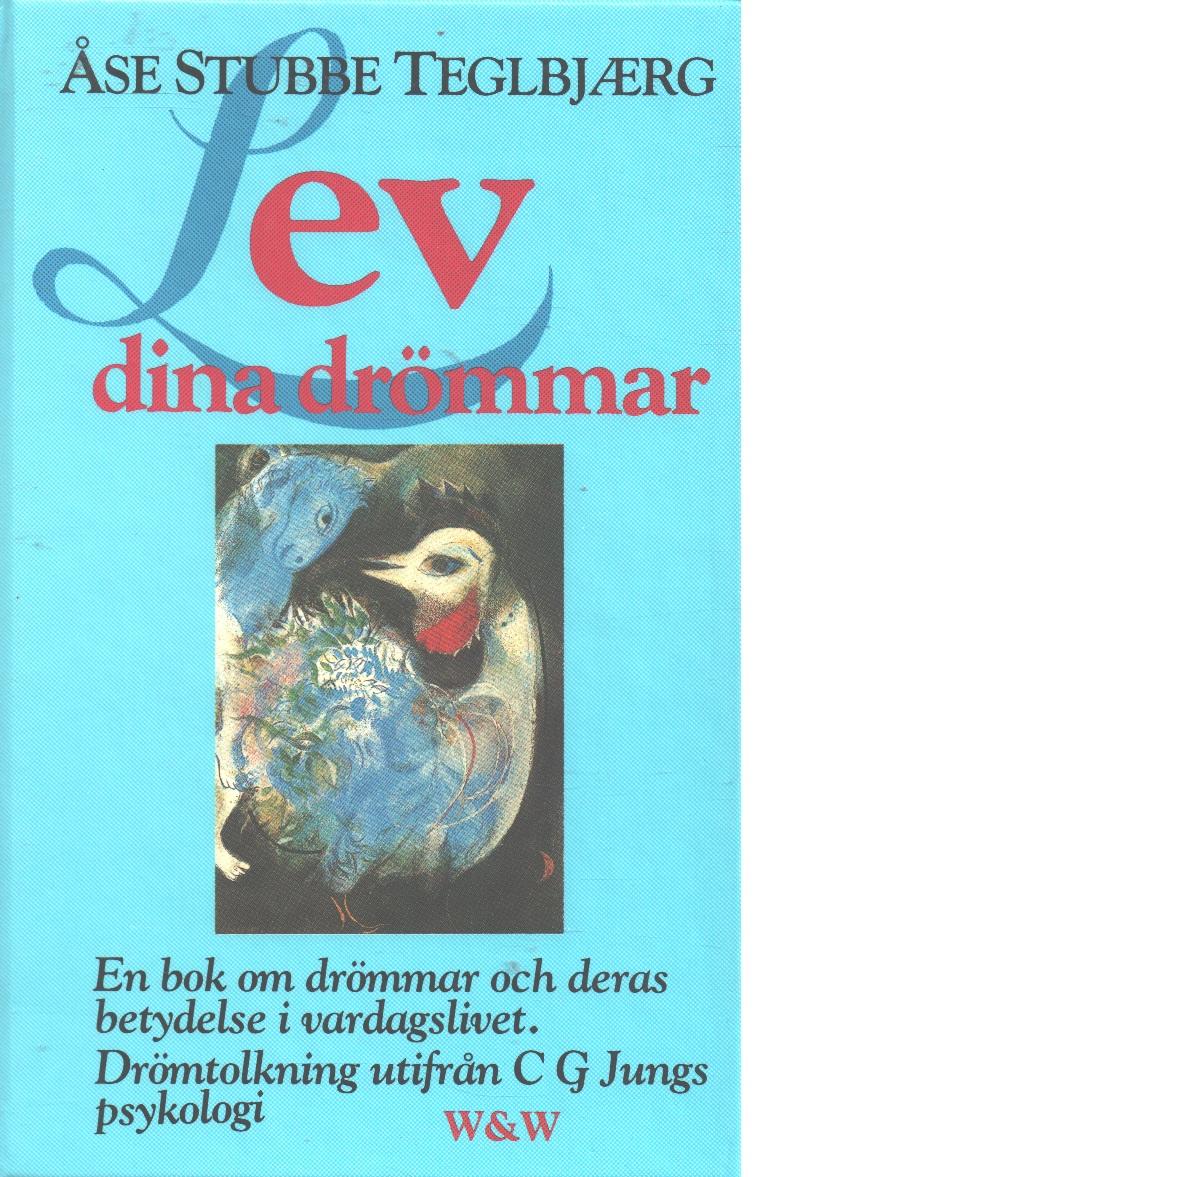 Lev dina drömmar - Teglbjærg, Åse Stubbe